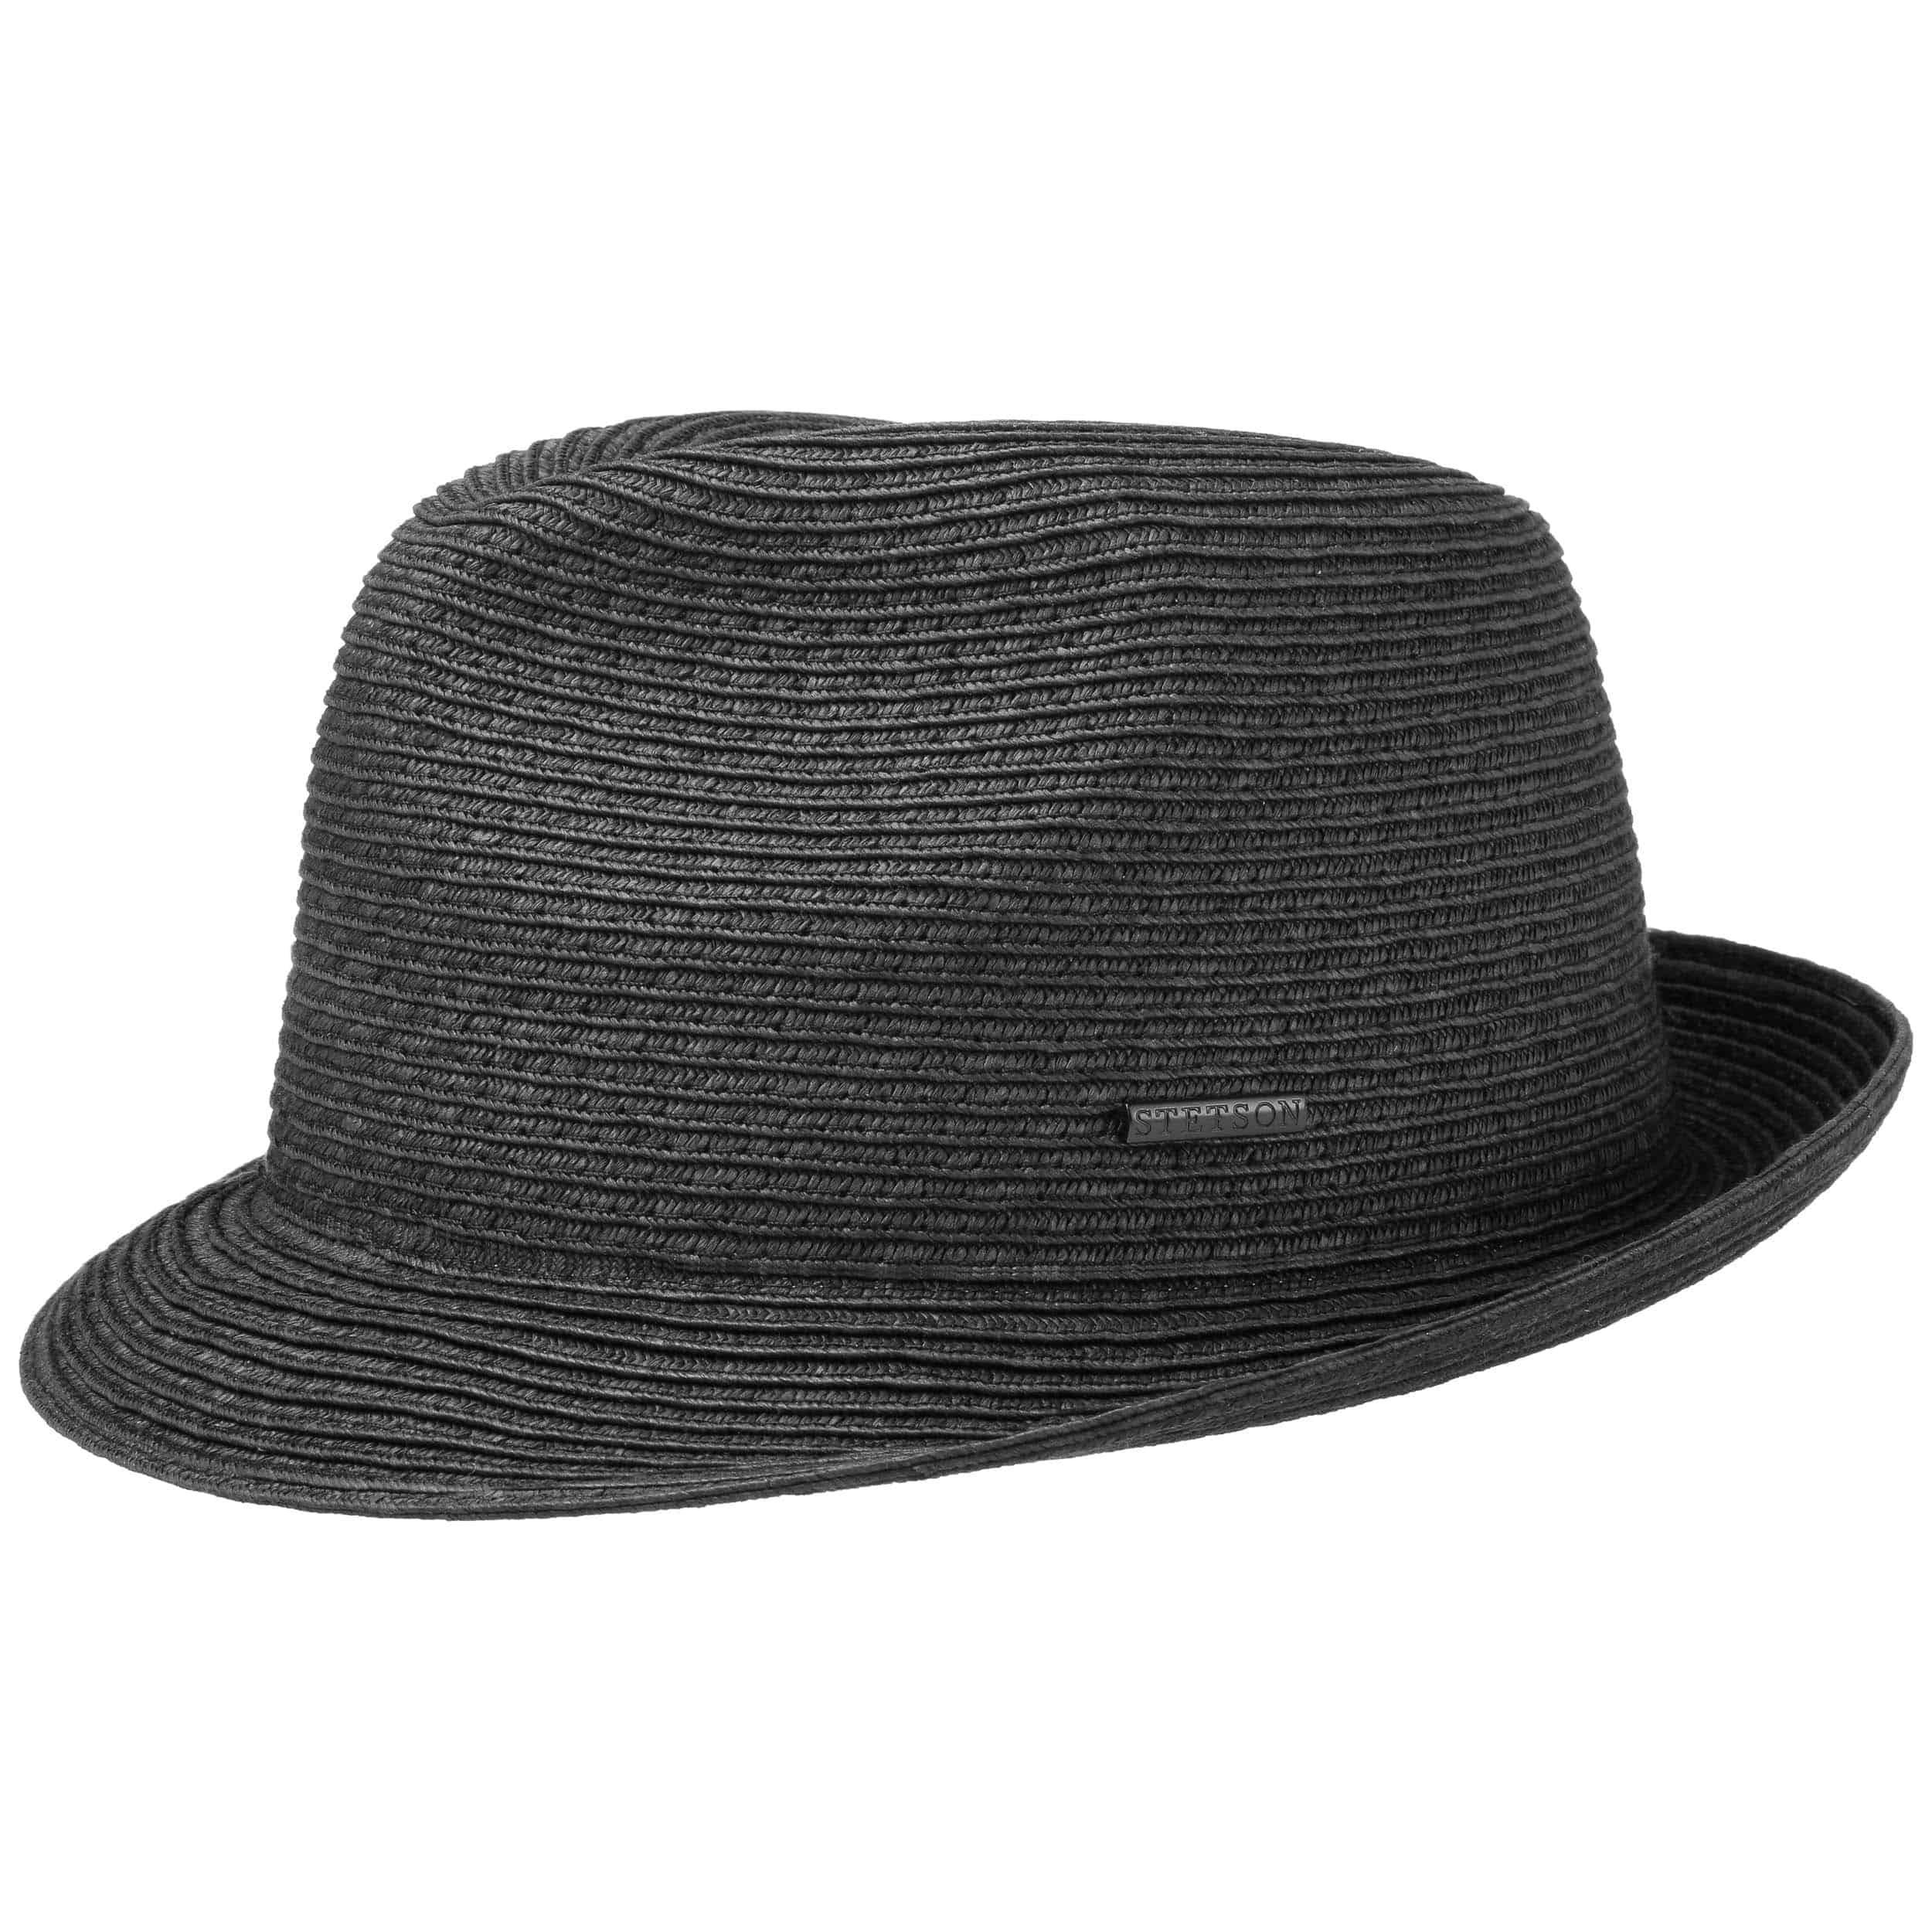 ... Cappello di Paglia Dawson Black by Stetson - nero 4 ... 70373b275d0d